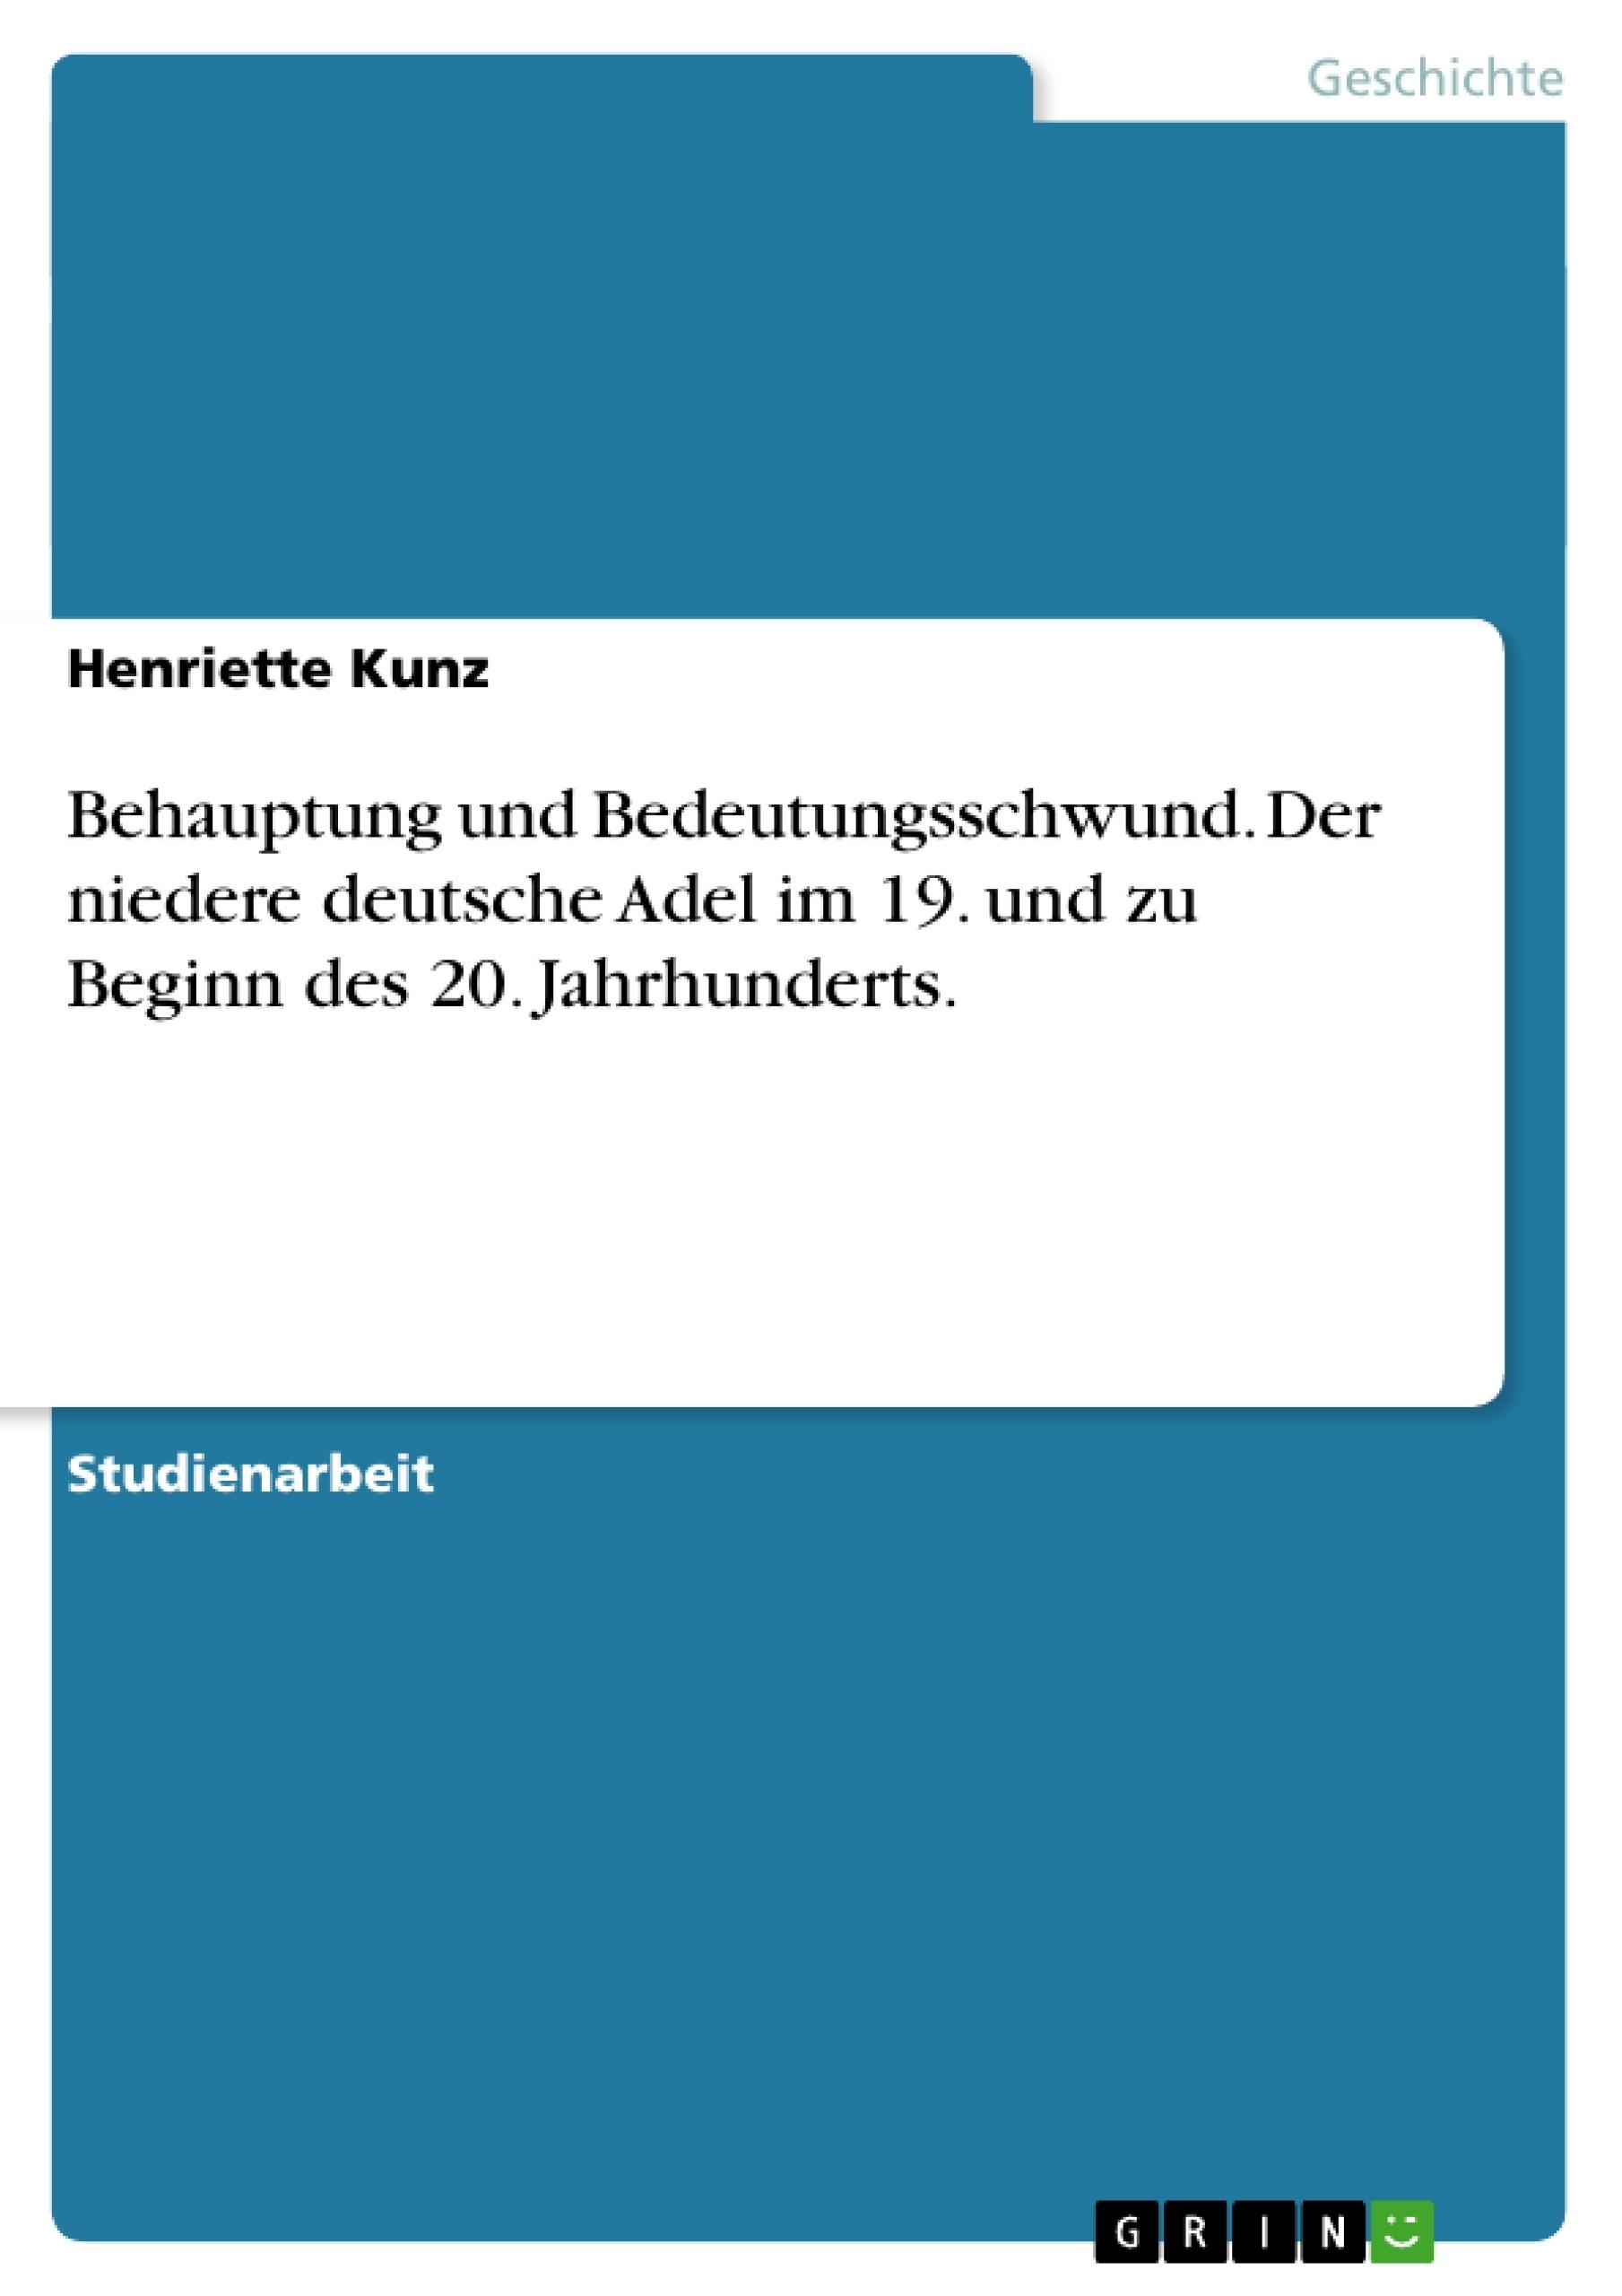 Titel: Behauptung und Bedeutungsschwund. Der niedere deutsche Adel im 19. und zu Beginn des 20. Jahrhunderts.